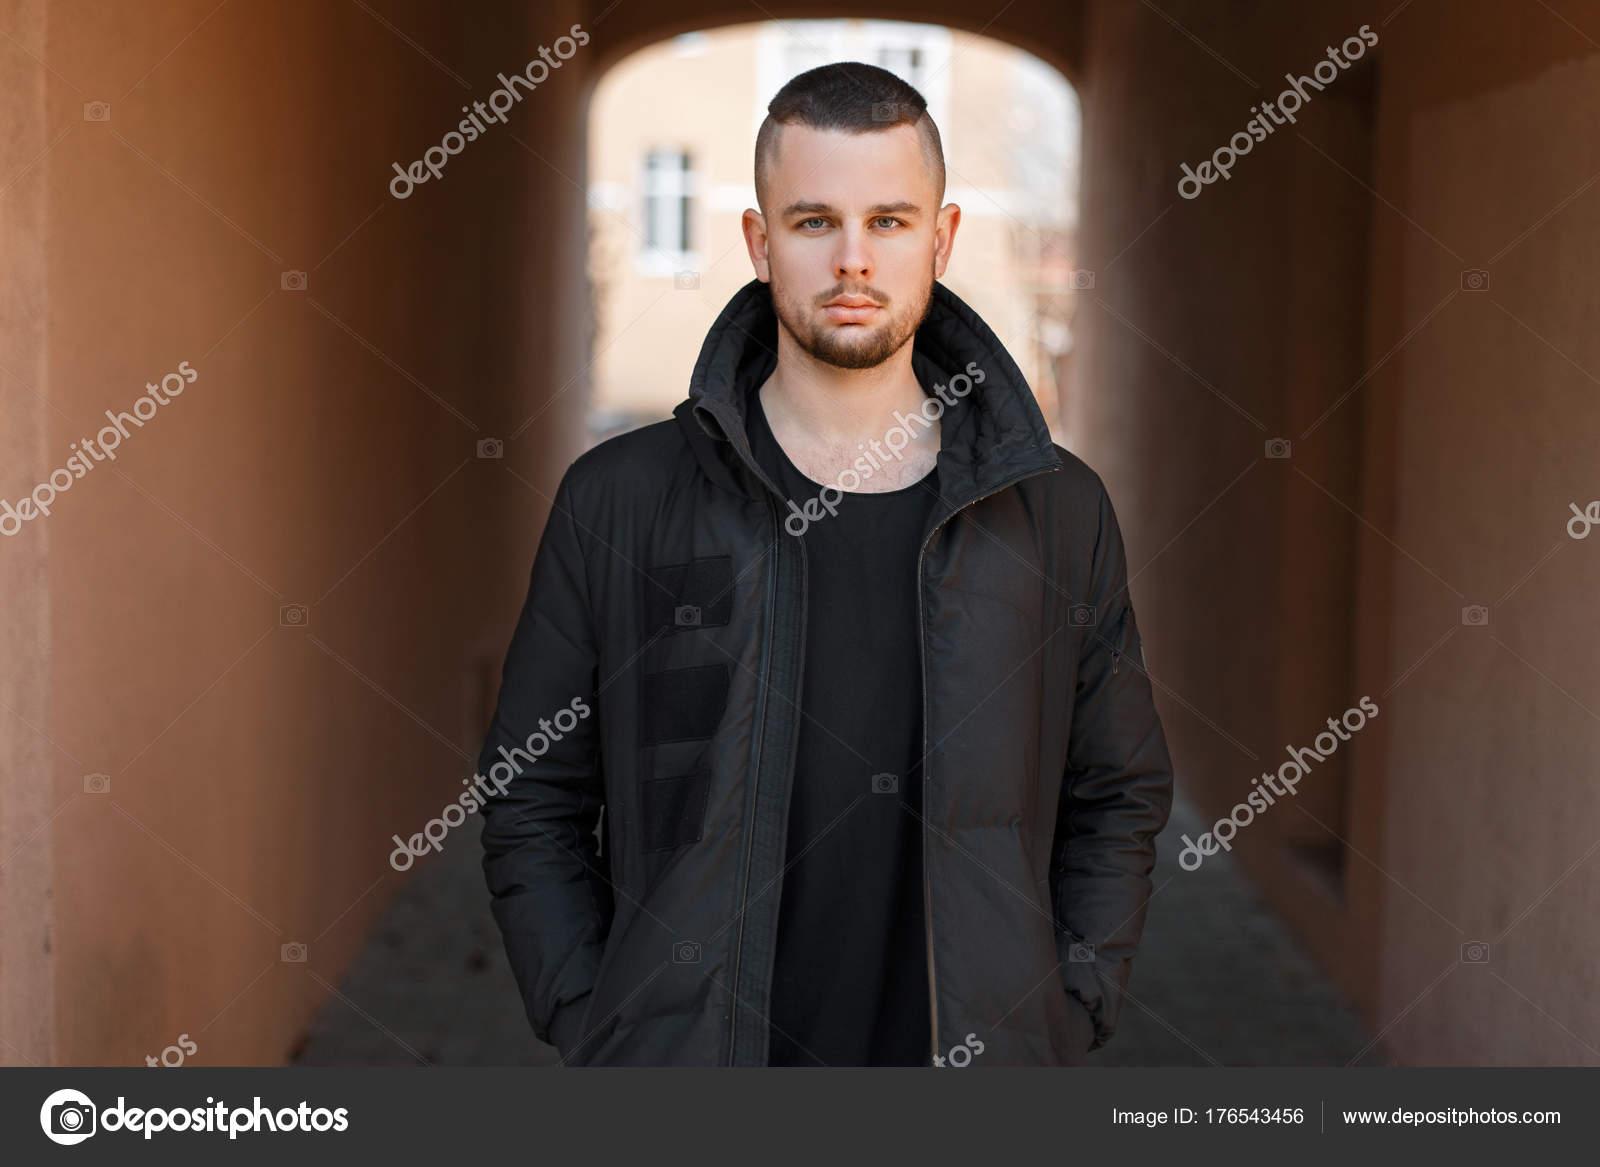 744d7f938 Hombre guapo joven con estilo con un corte de pelo corto en una ...